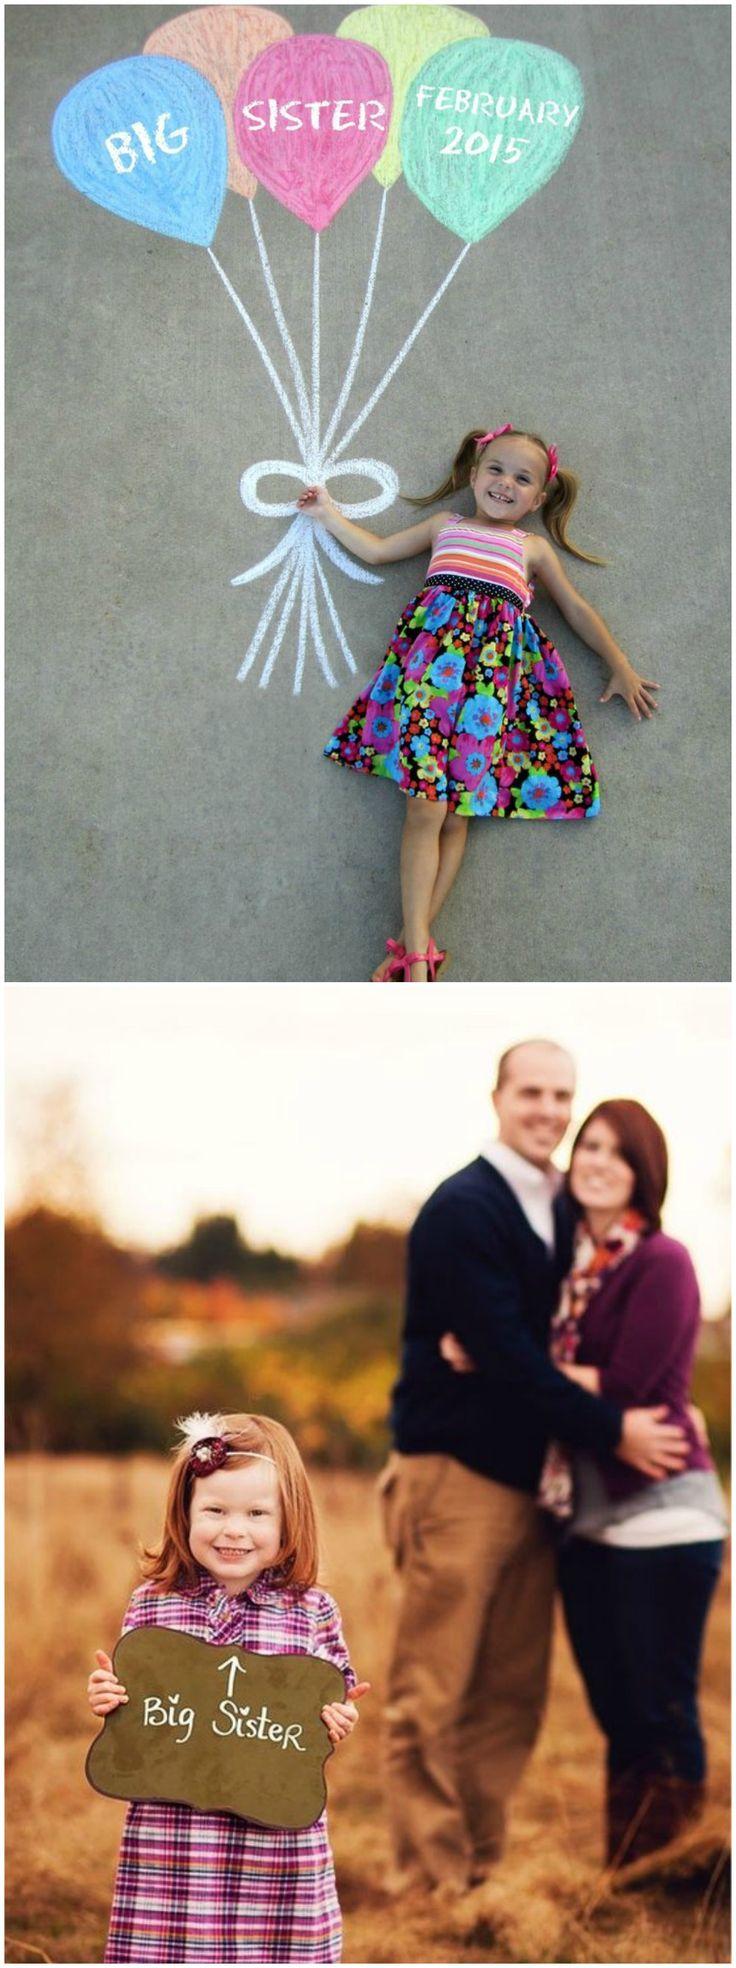 Anunciar el embarazo. Visto en www.accesoriosbebe.net